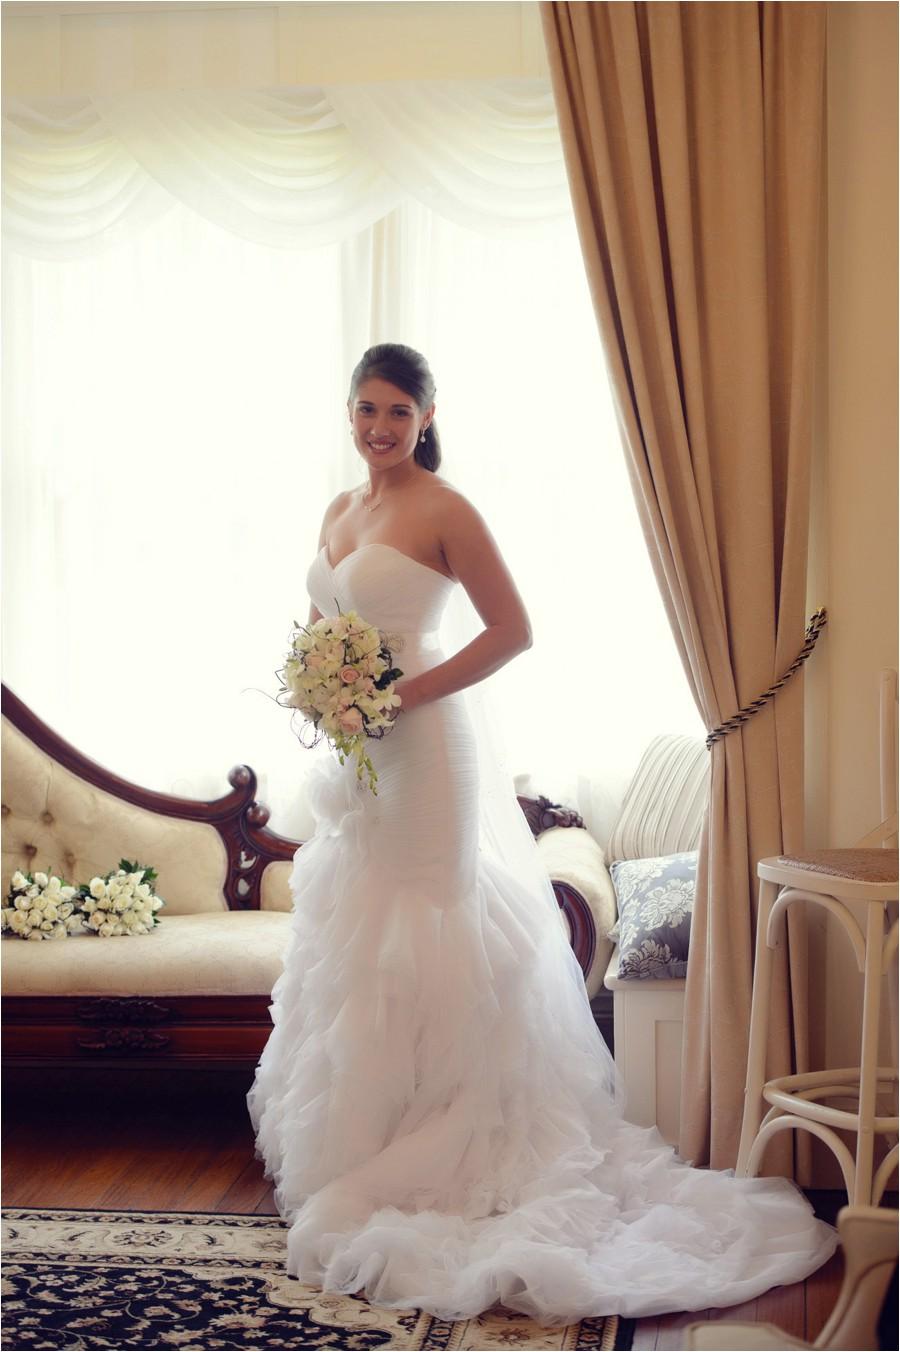 annielyn_images_wedding_bride_036_WEB